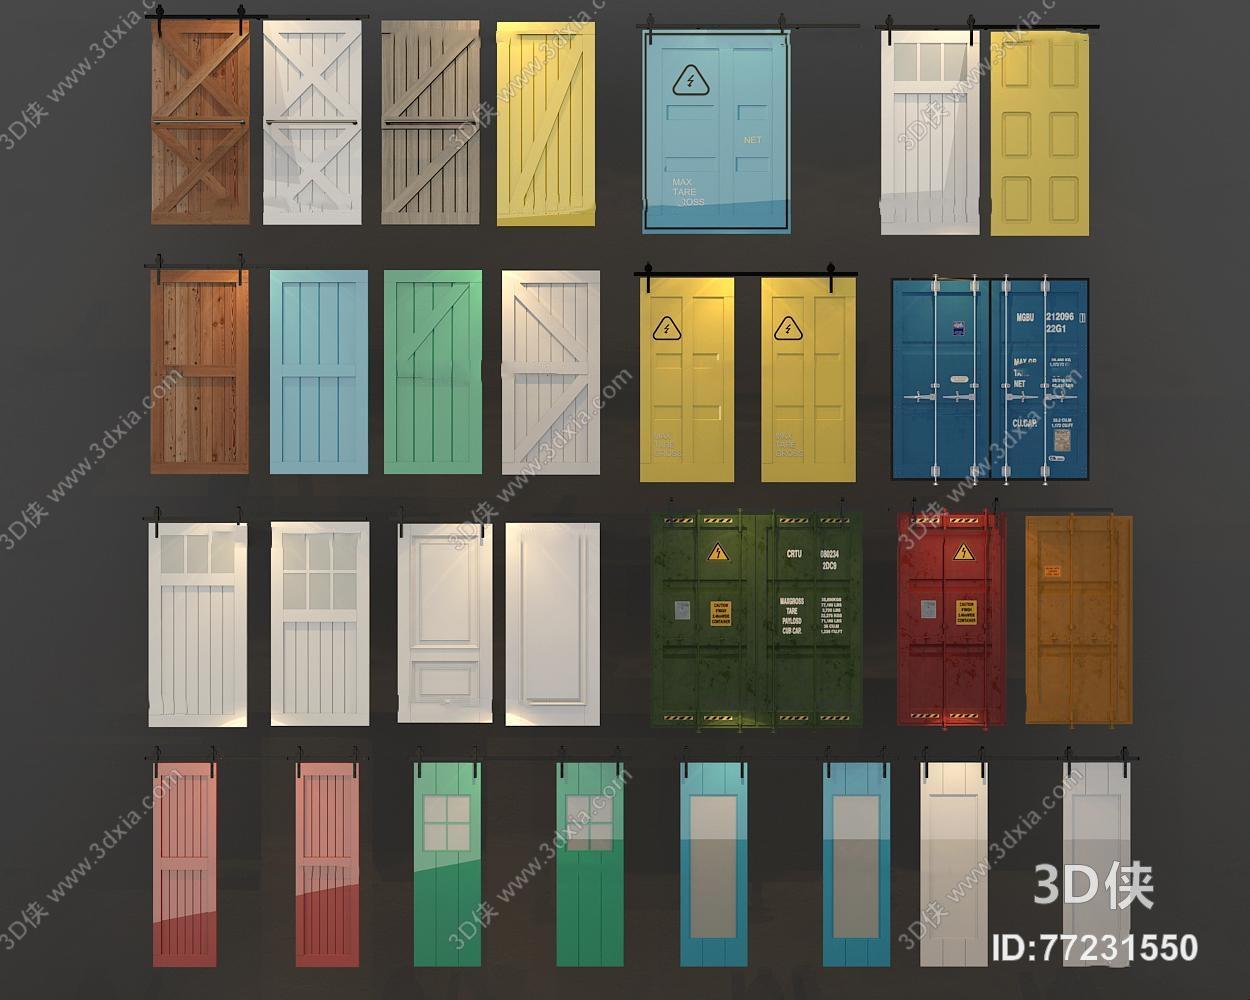 門窗戶效果圖素材免費下載,本作品主題是工業風谷倉門移動門集裝箱門